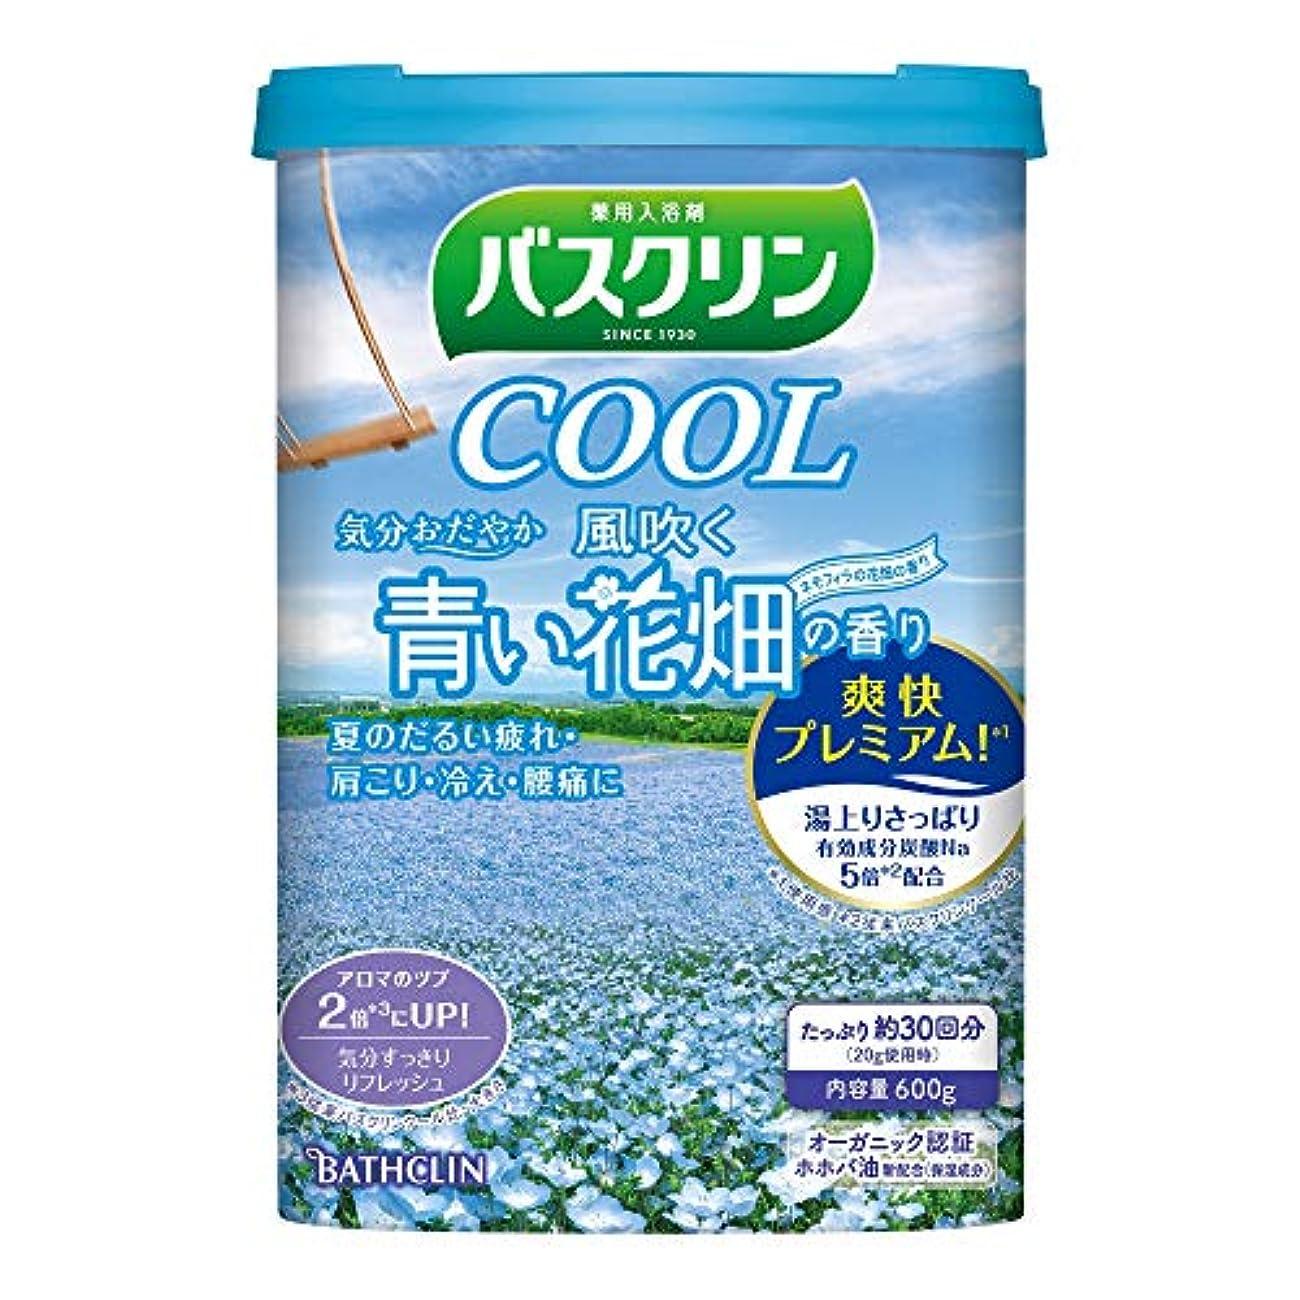 トーク表面かすかな【医薬部外品】バスクリンクール入浴剤 風吹く青い花畑の香り600g クール入浴剤 すっきりさわやか